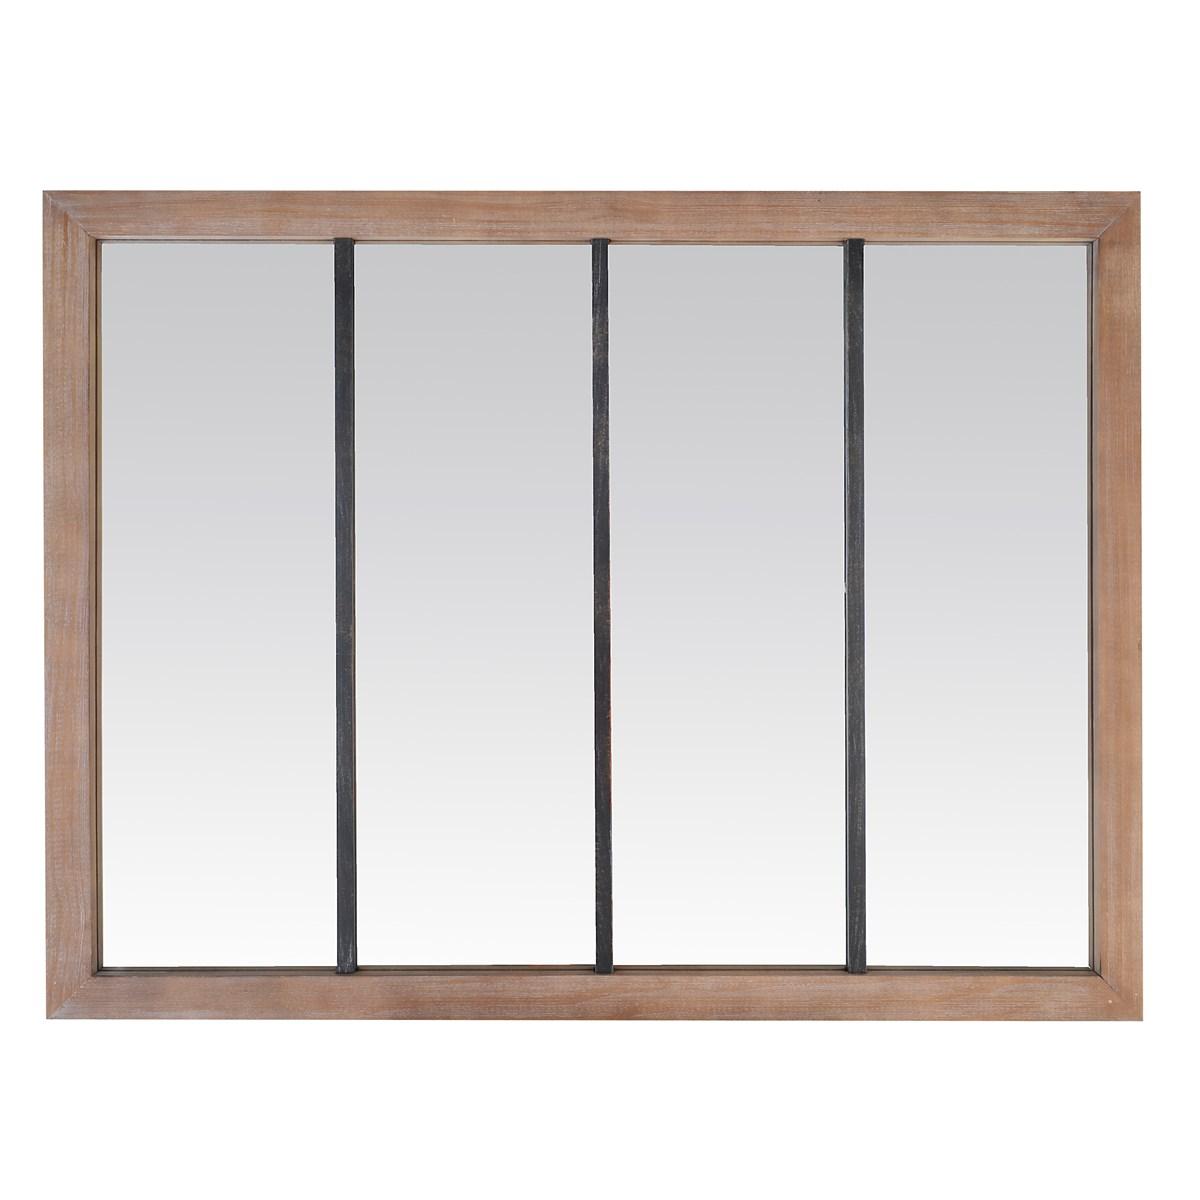 Miroir 4 bandes en bois et métal 120x90